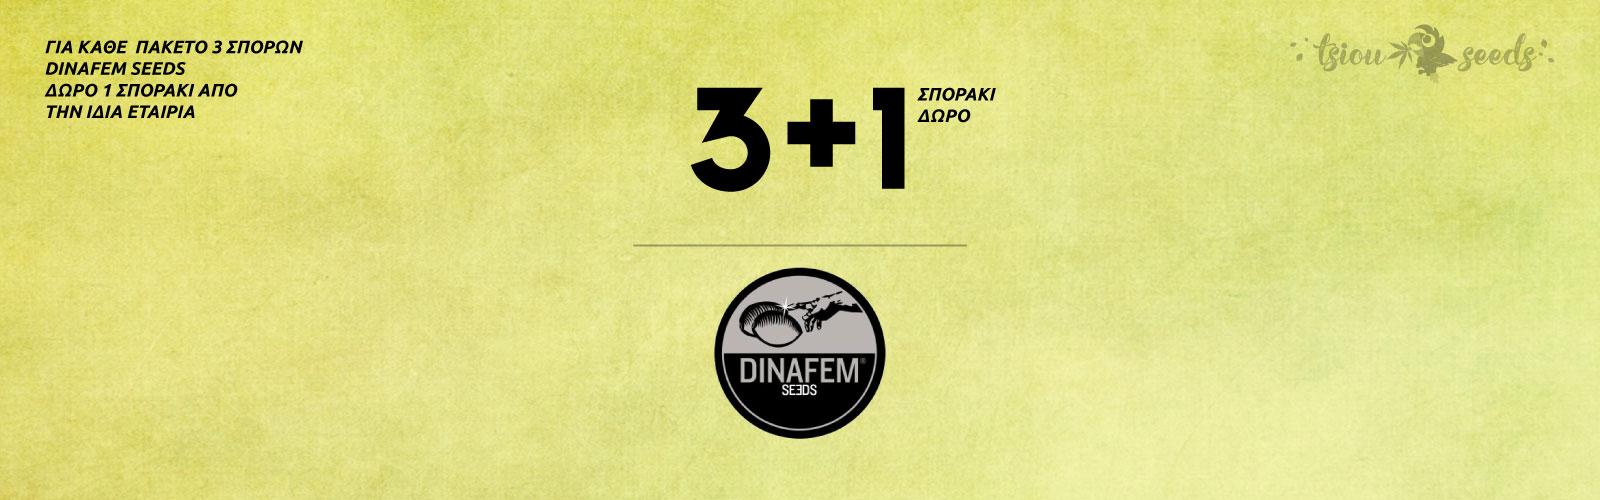 Dinafem-Offer